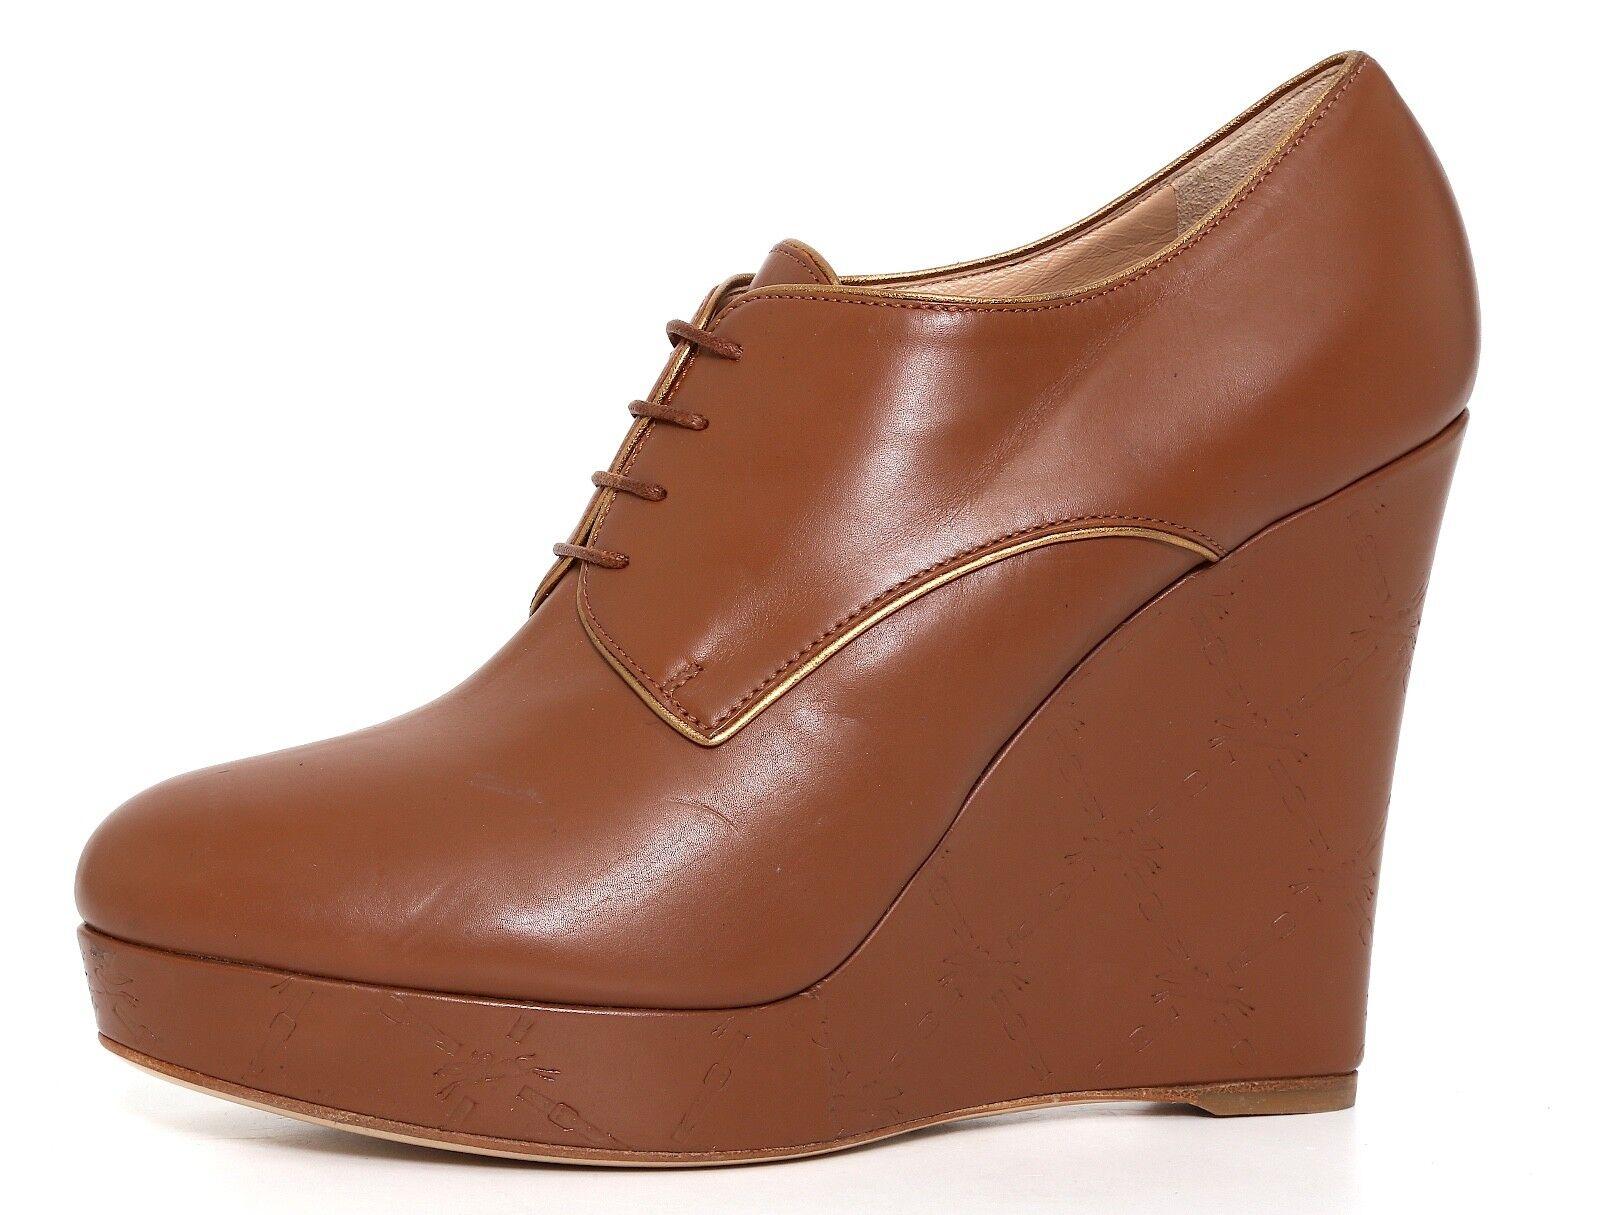 Longchamp Platform Leather Wedge Booties Brown Women Sz 40